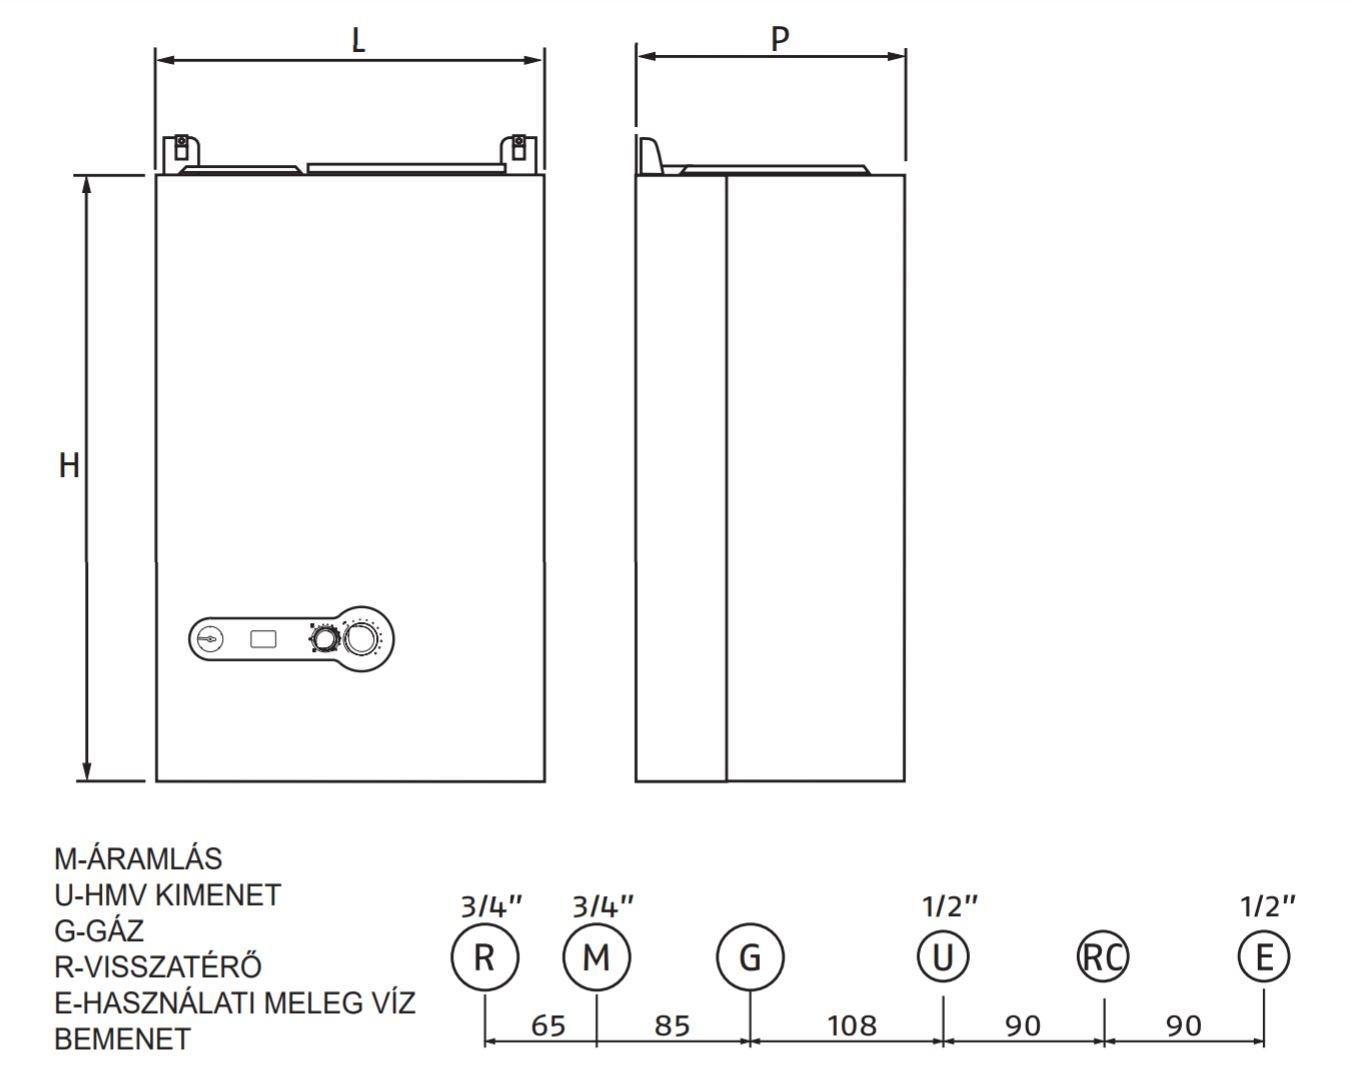 Riello Start Aqua Condens 25/45L Fali kondenzációs beépített tárolós gázkazán 25 kW műszaki ábra